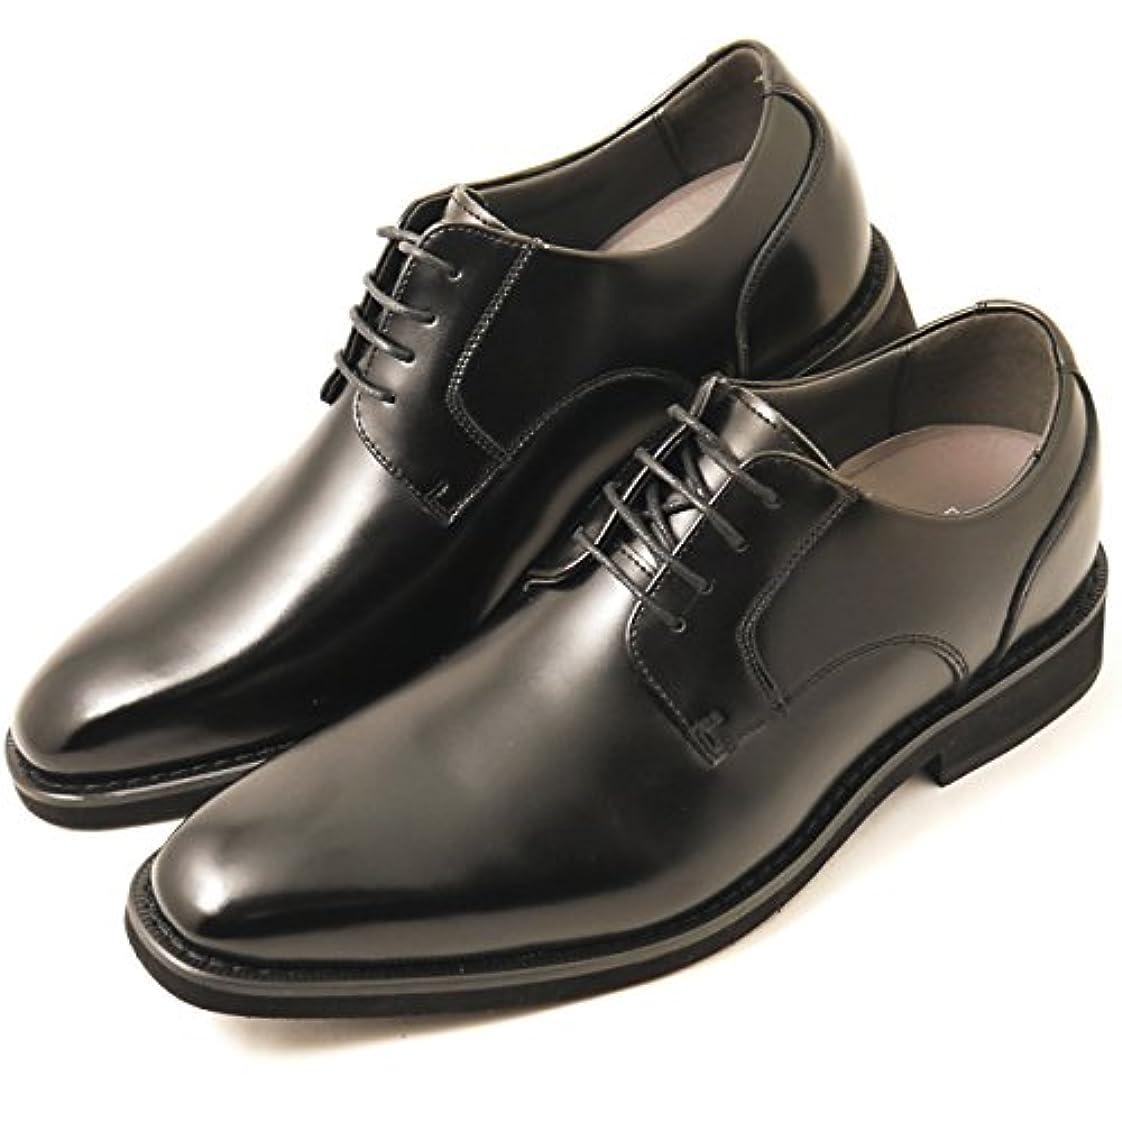 そよ風シンプルさ結婚式シークレットシューズ 6cmアップ 背が高くなる靴 ビジネスシューズ 紳士靴 プルーントゥ 本革 日本製 身長アップシューズ an4502